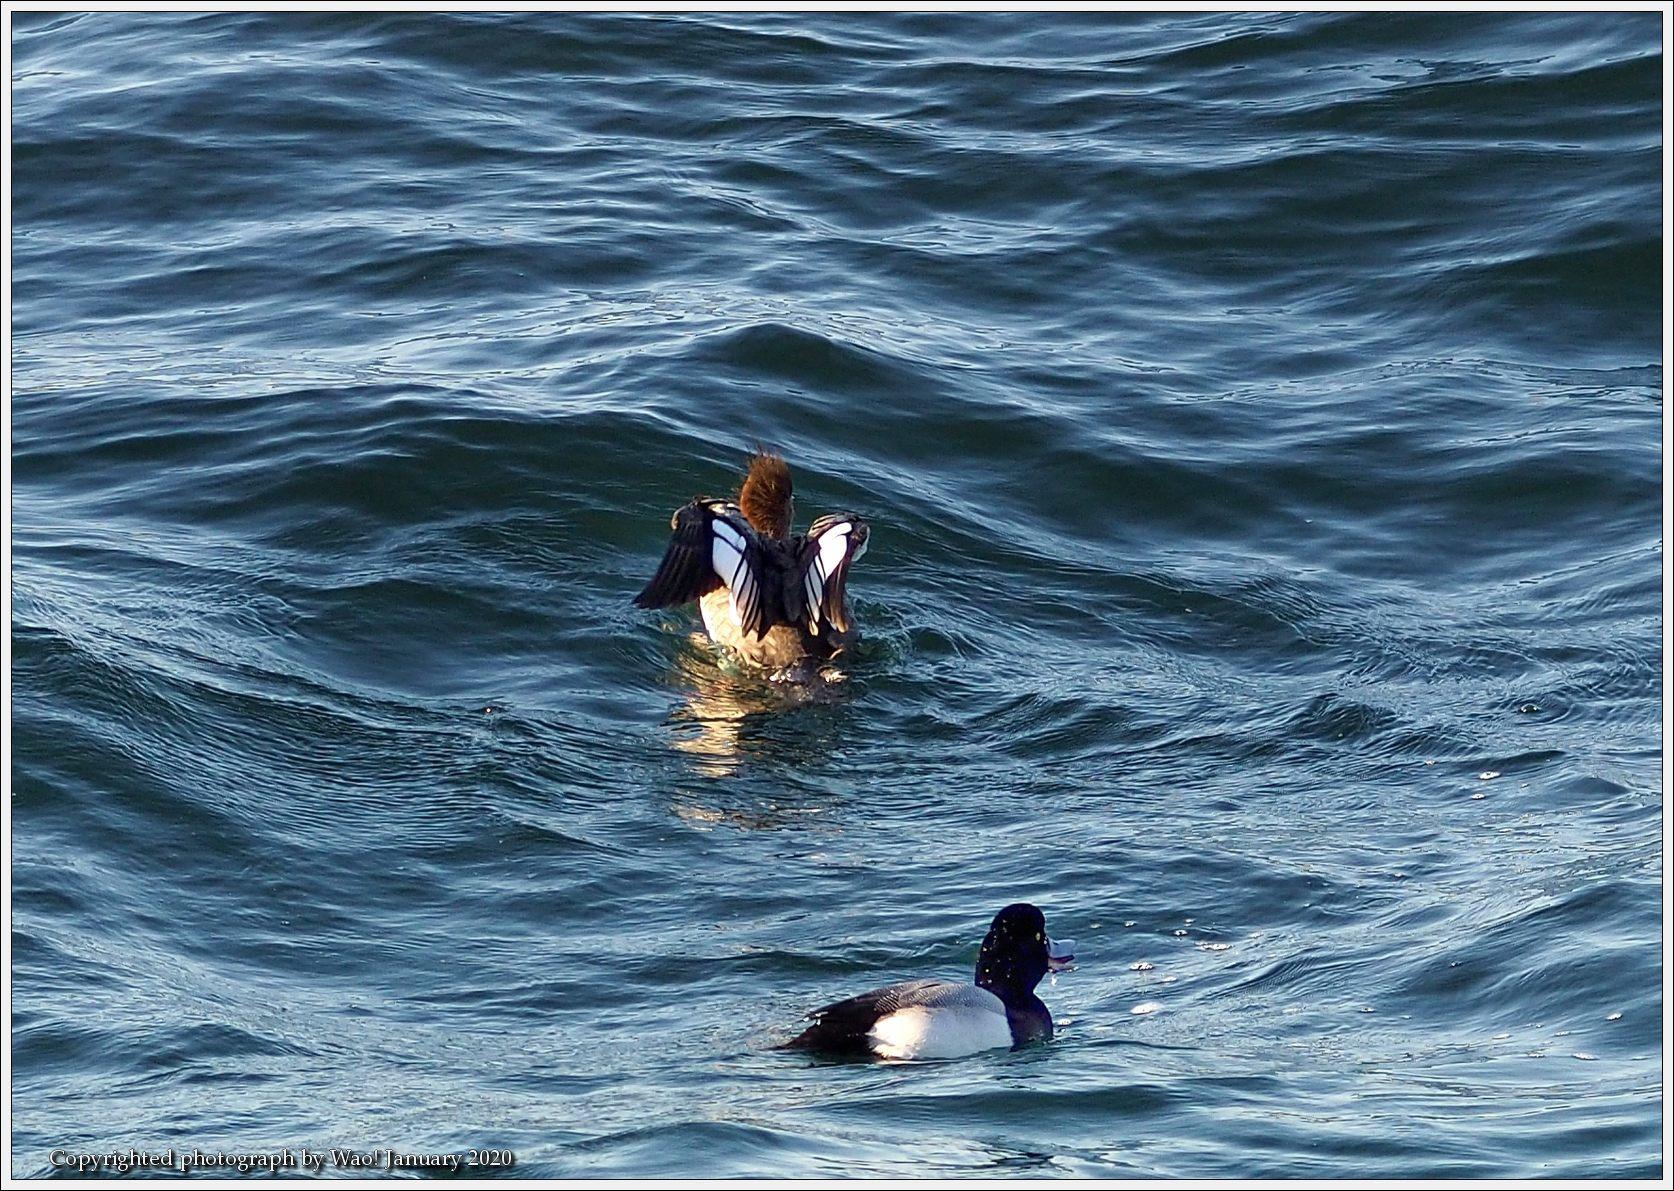 ウミアイサ 内湾で_c0198669_17404660.jpg